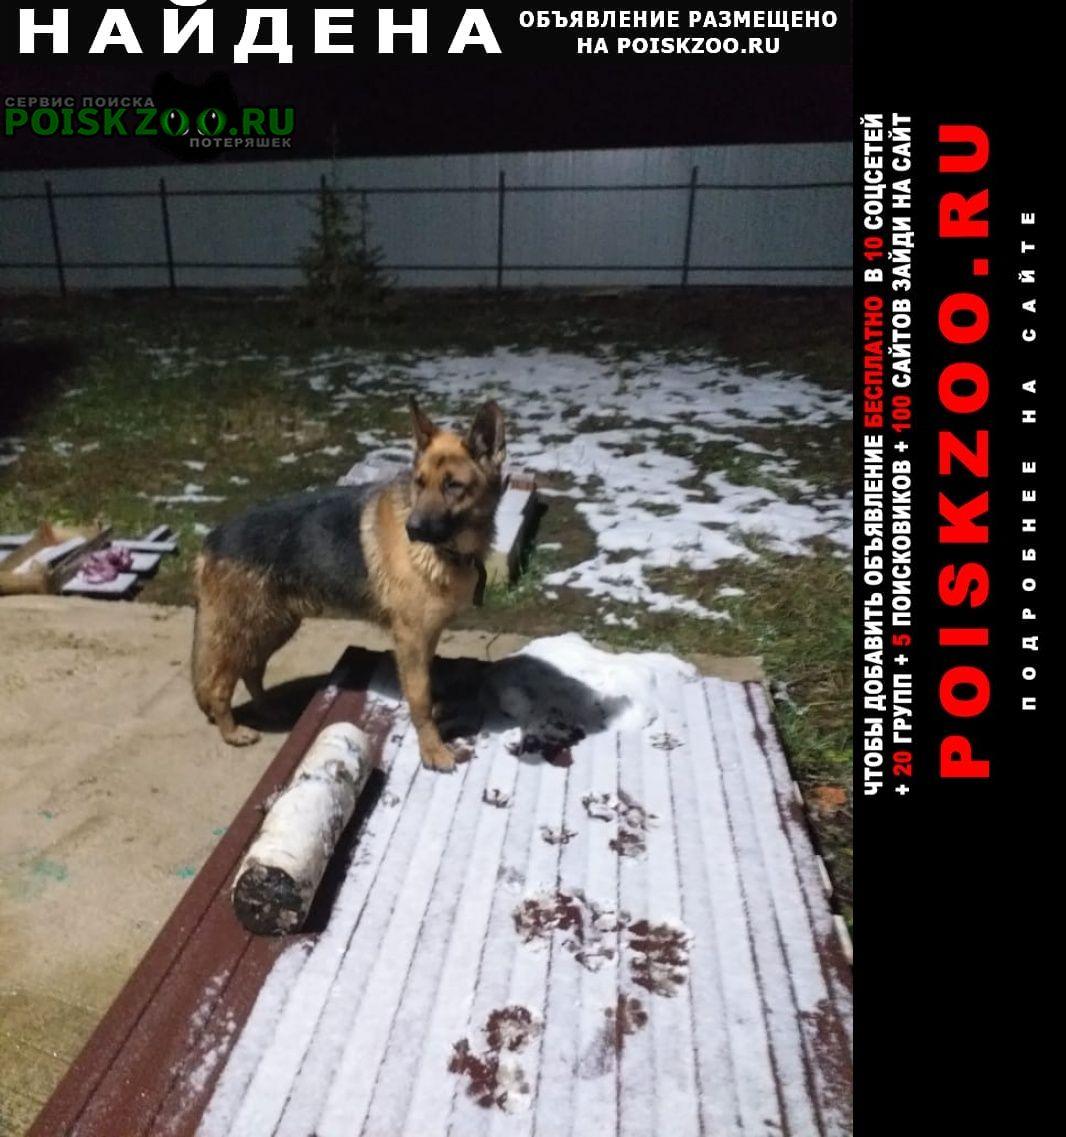 Найдена собака Фряново